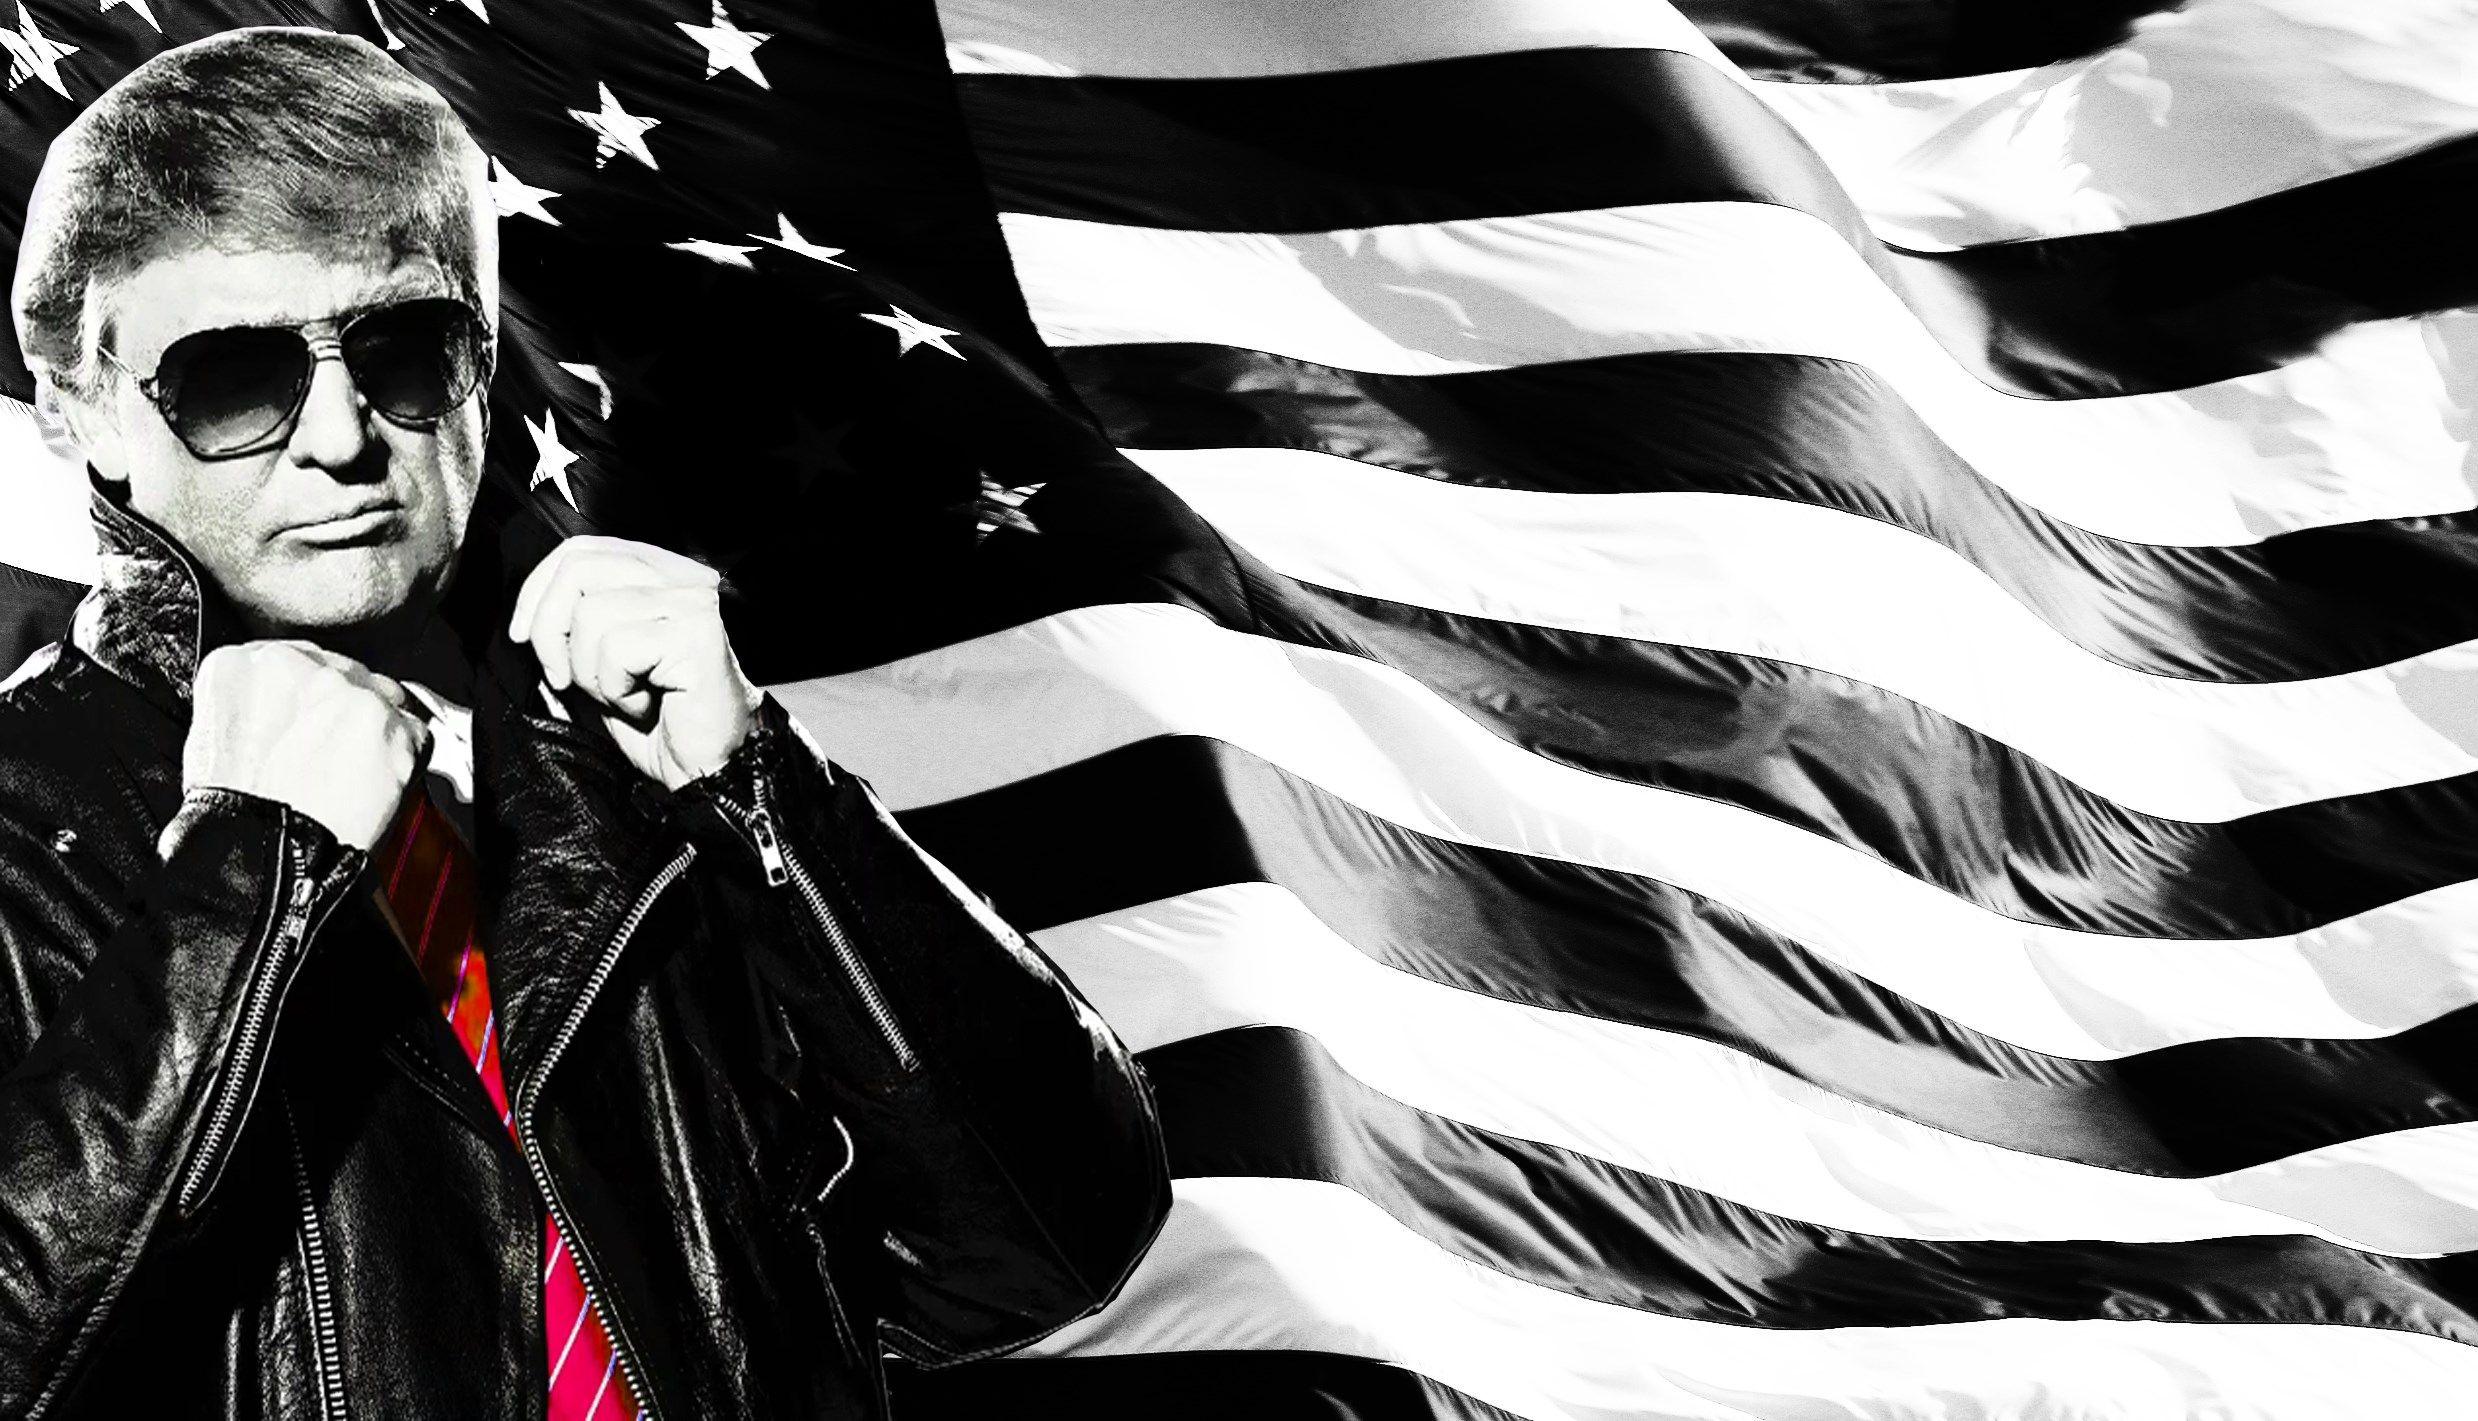 Donald Trump Wallpaper Collection Wallpaperscreator Pinterest